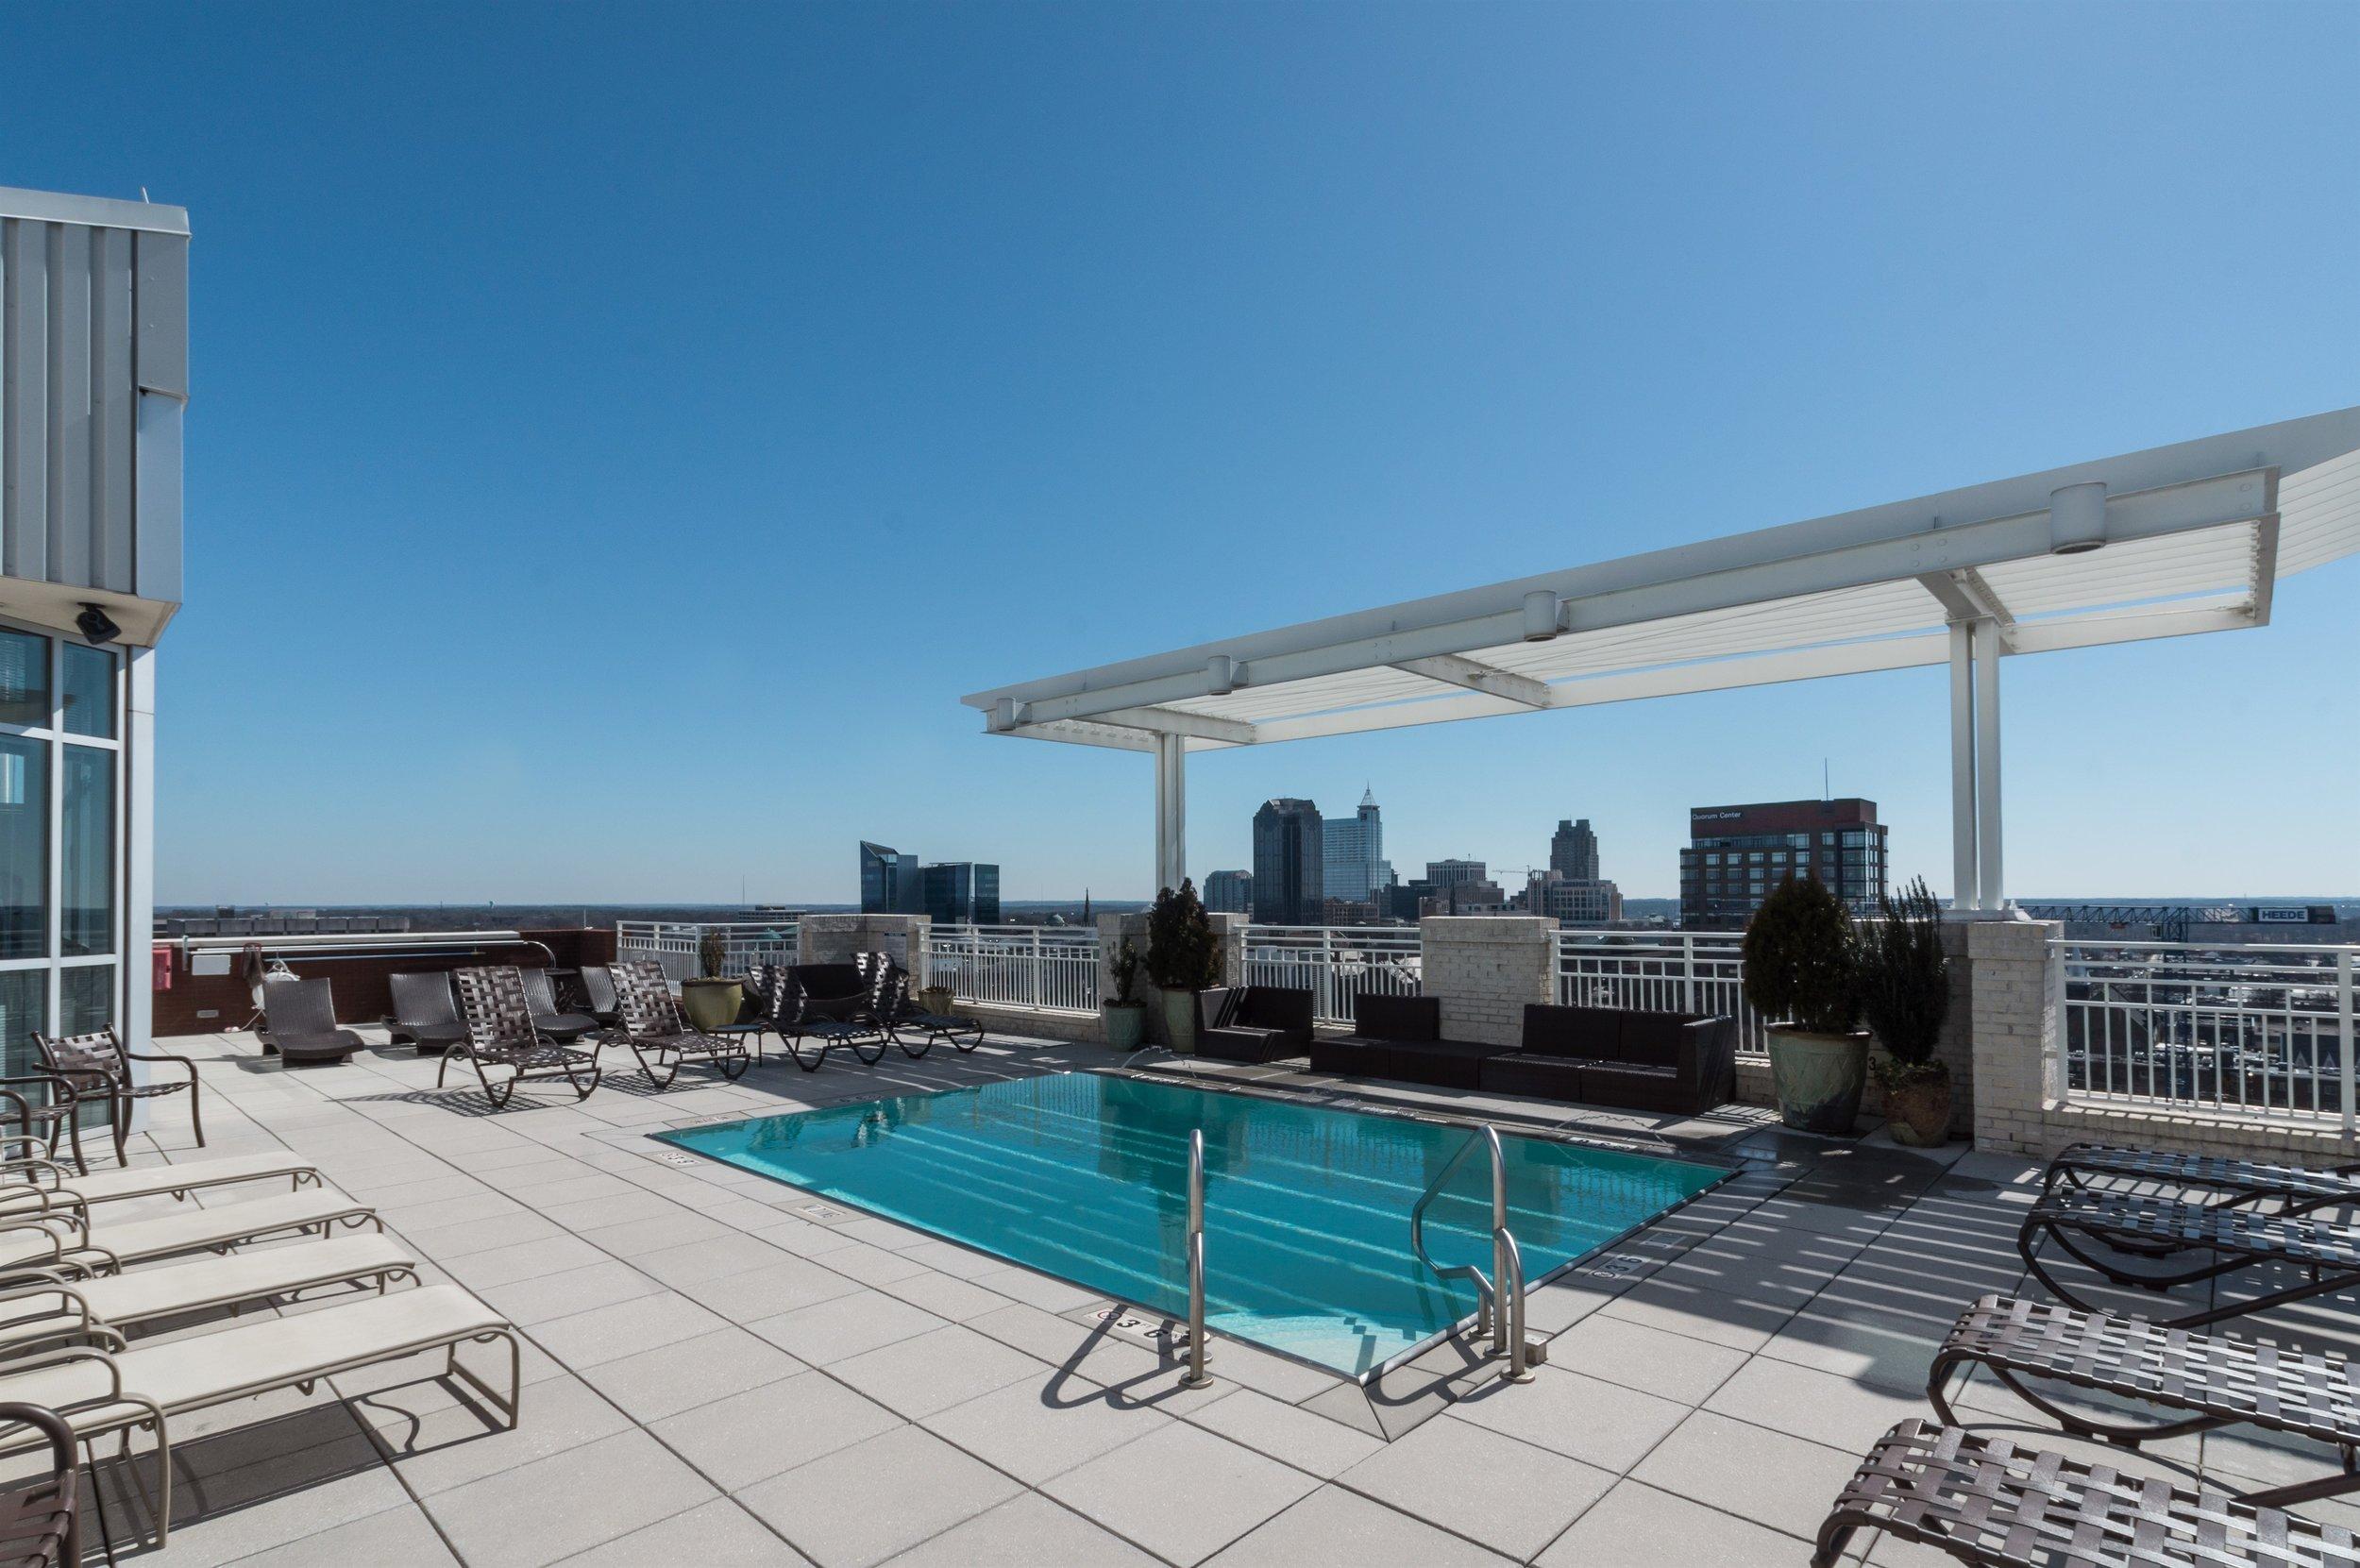 022_Rooftop Pool.jpg